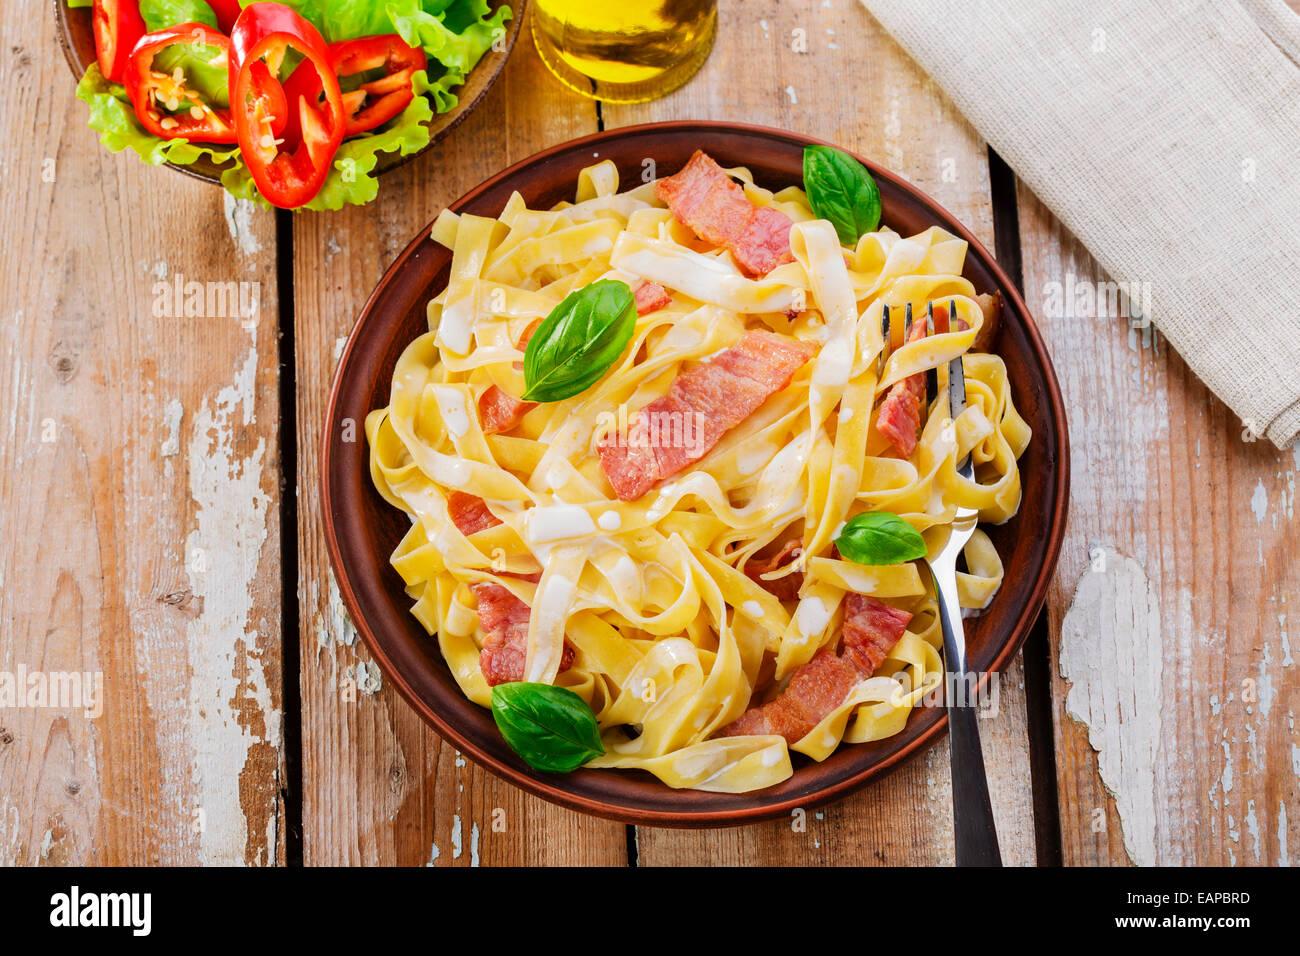 La pasta alla carbonara con pancetta e salsa Immagini Stock